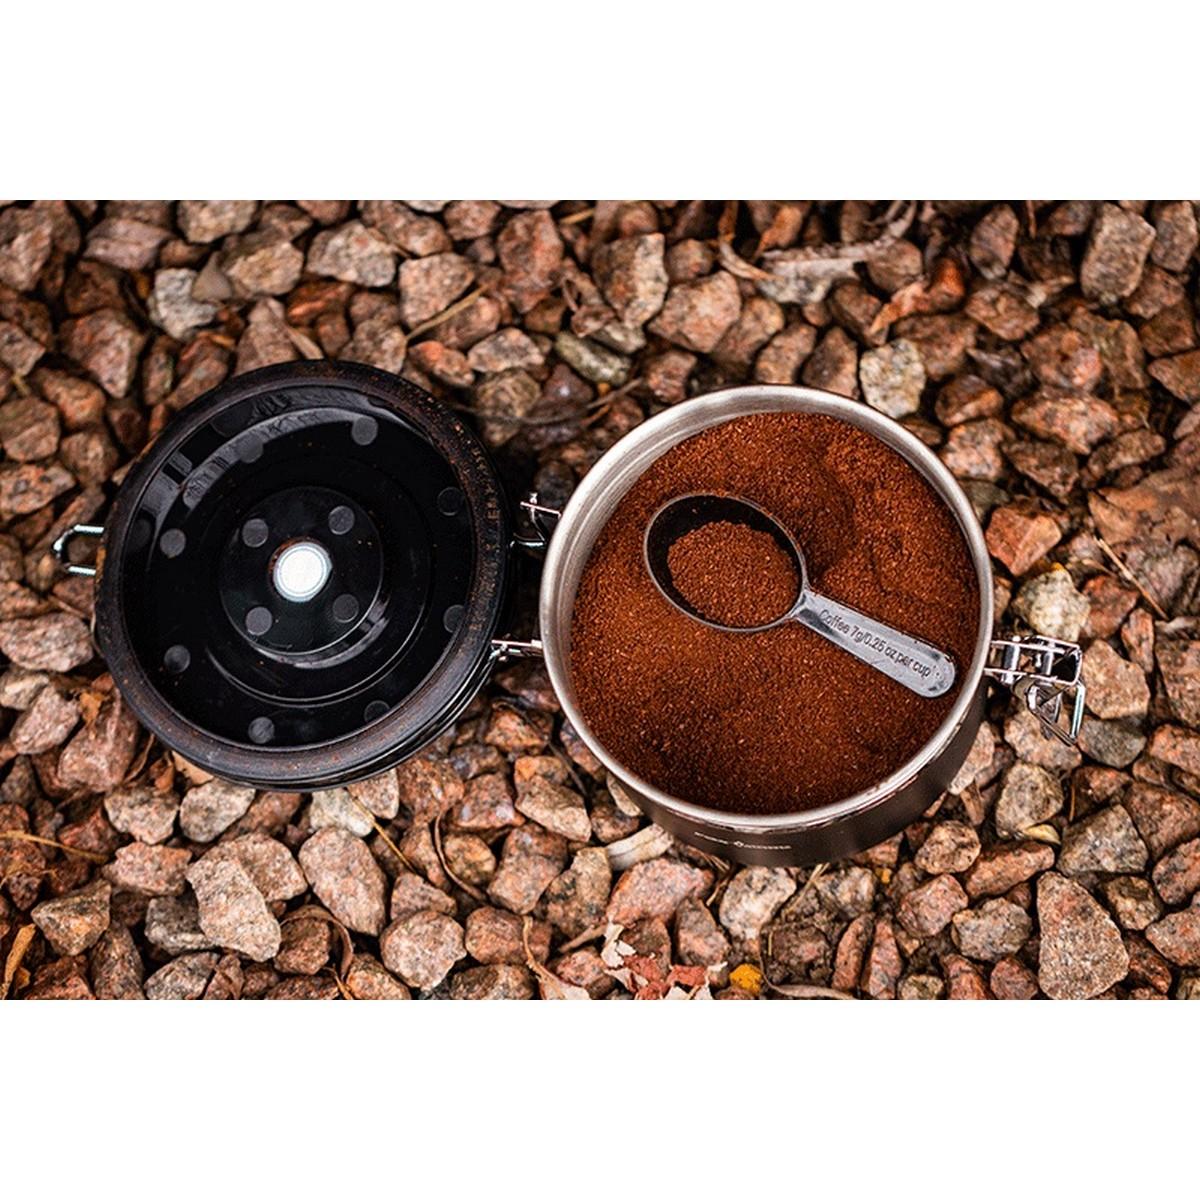 Fox Cookware Coffee and Tea Storage 860ml кутия за кафе и чай